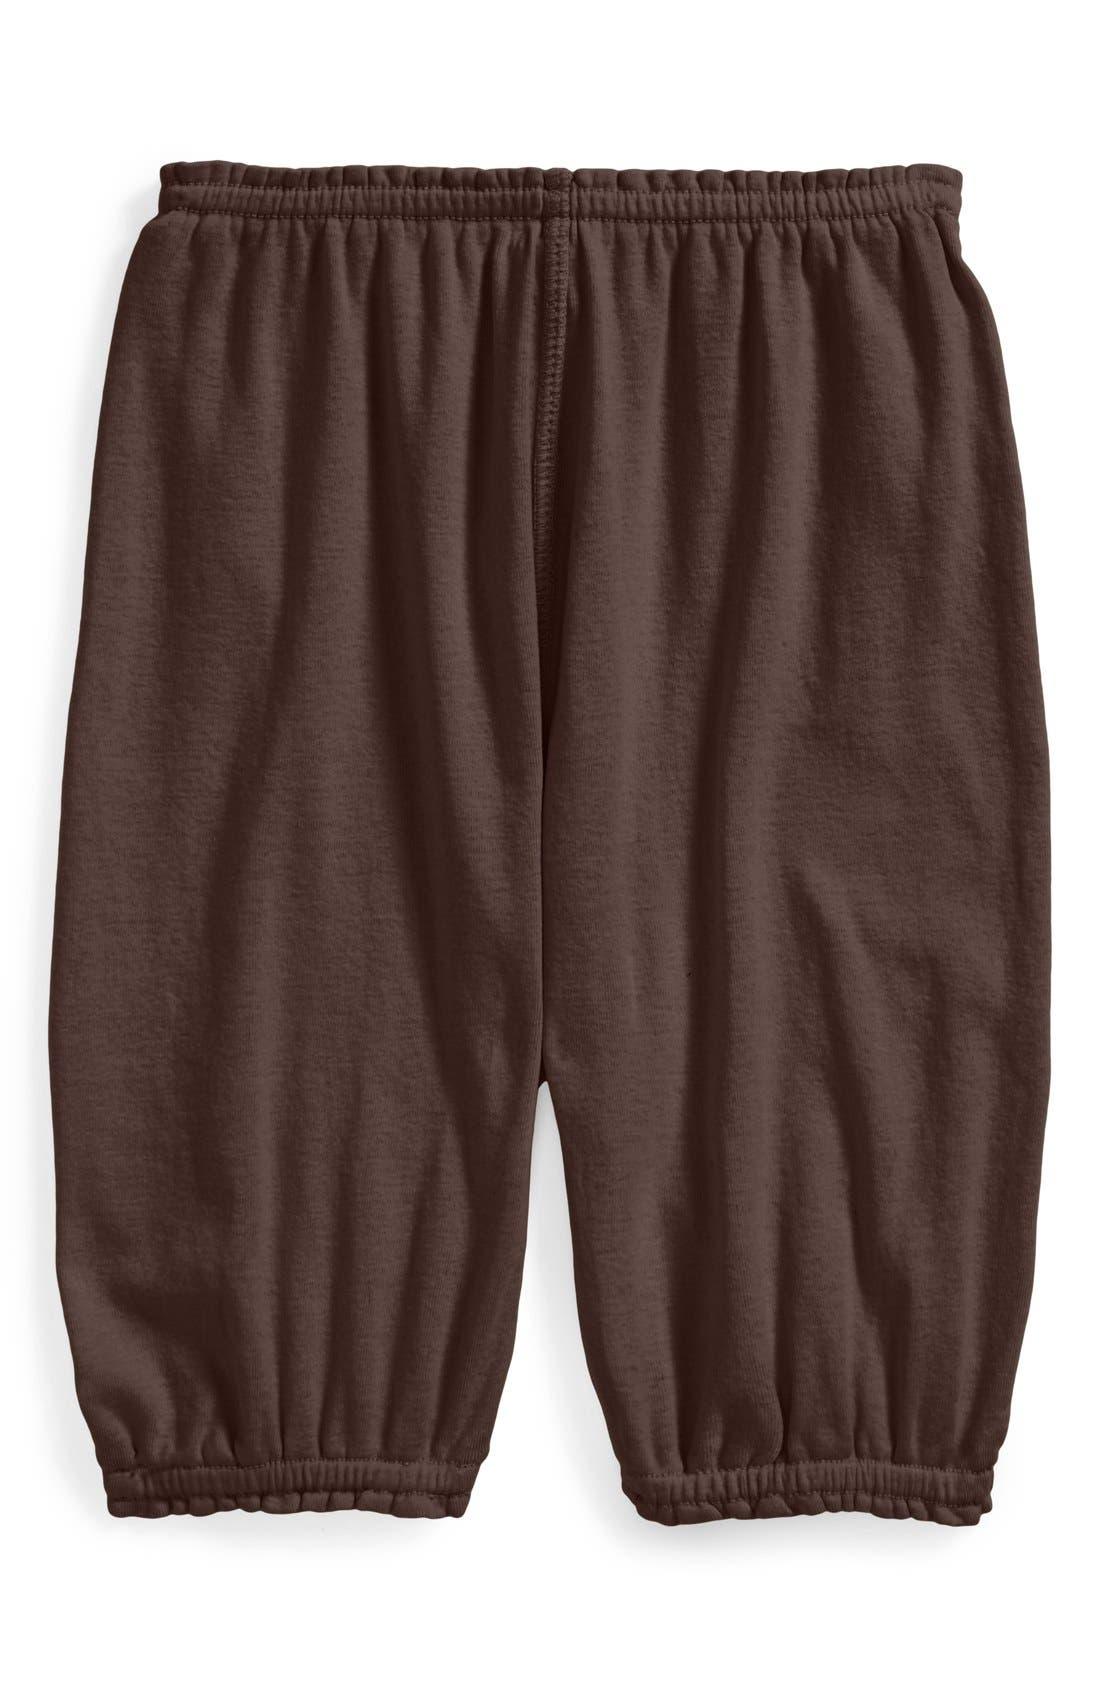 Alternate Image 1 Selected - Peek 'Happy' Pants (Baby Girls)